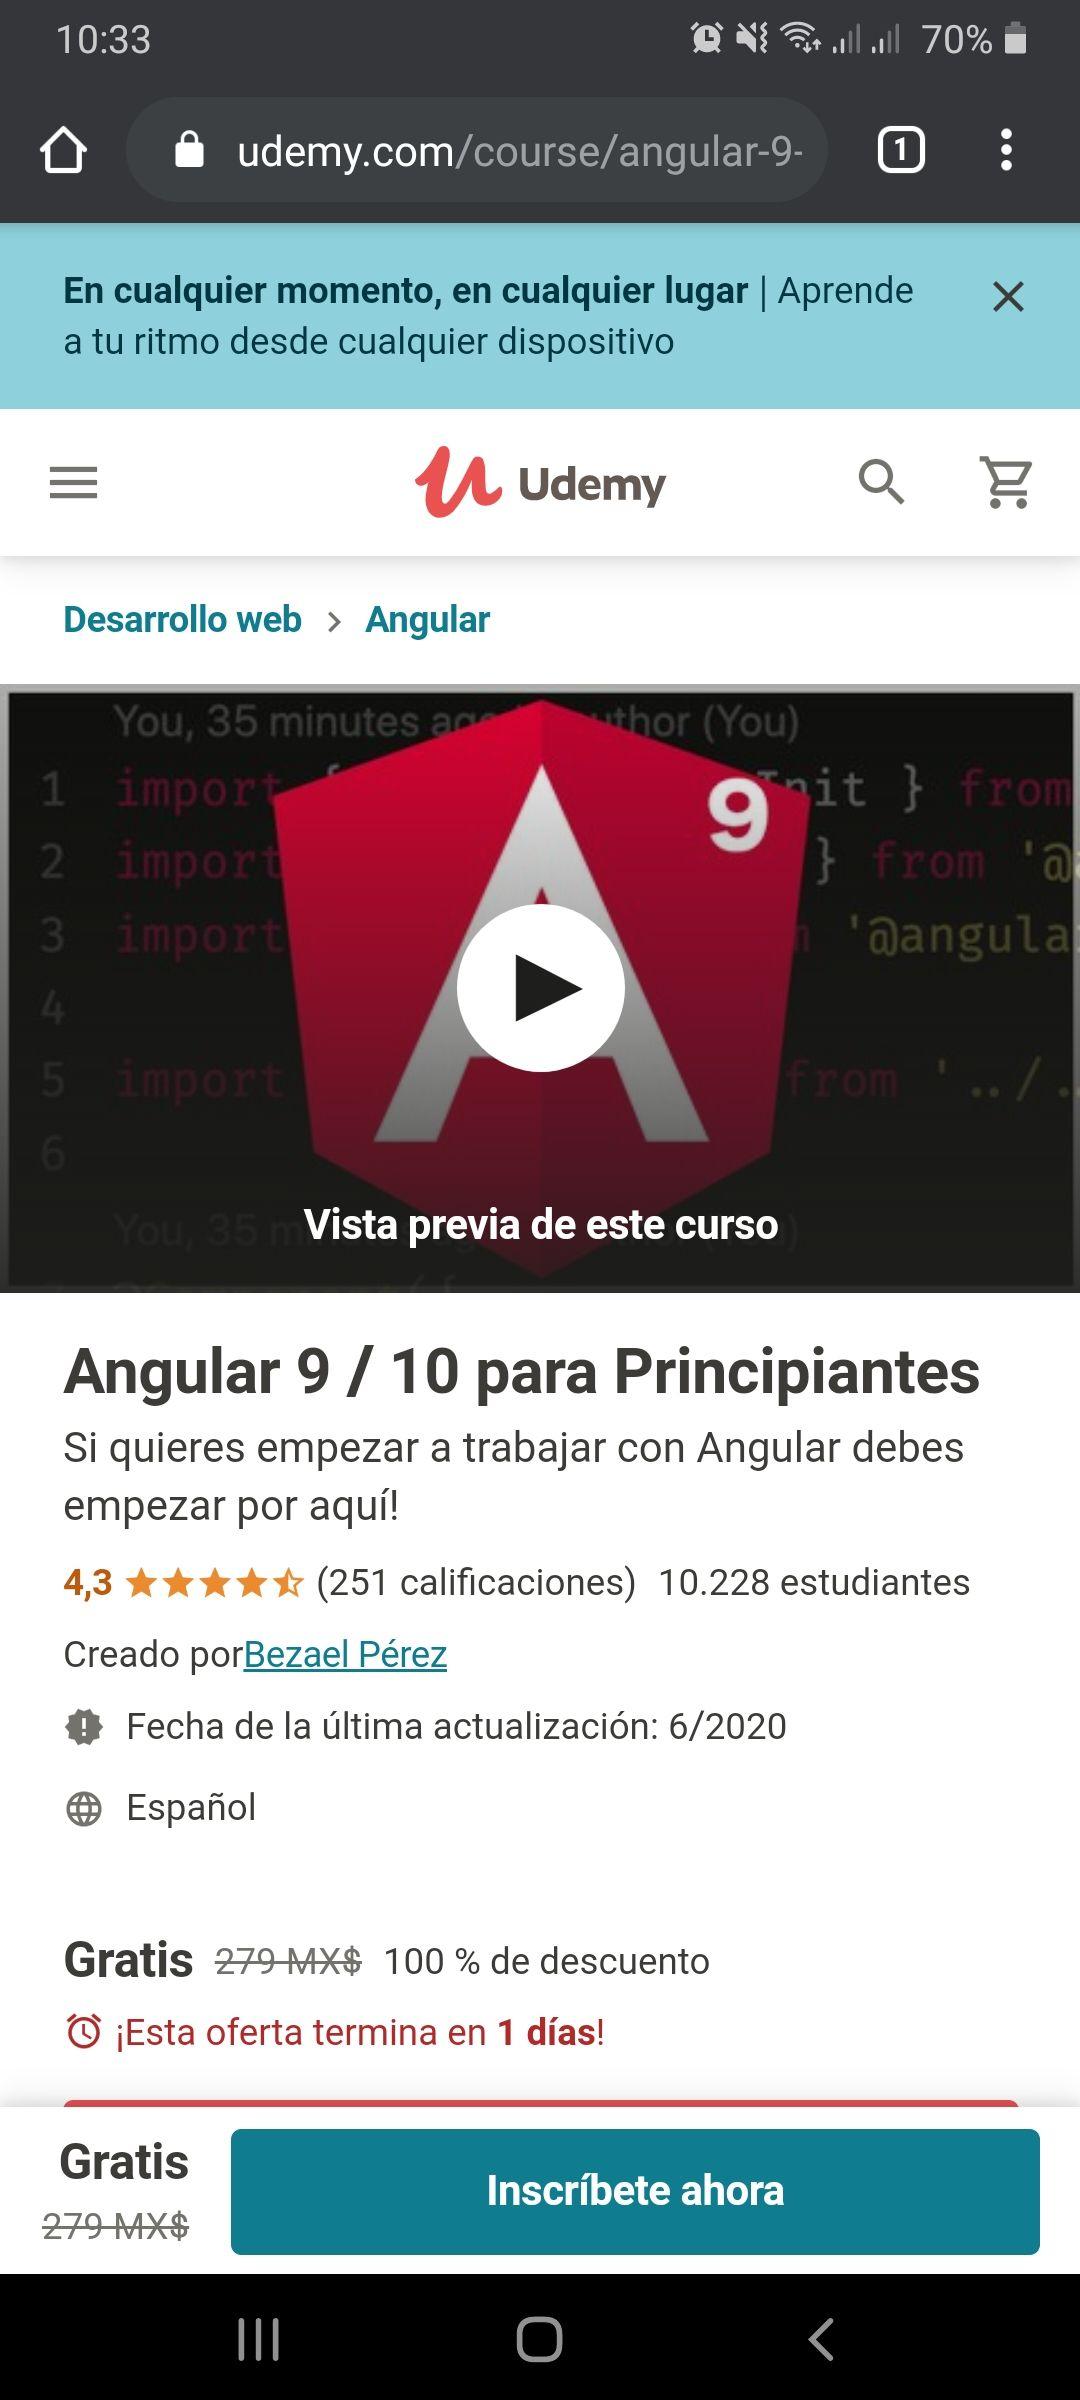 Udemy: Angular 9 / 10 para Principiantes